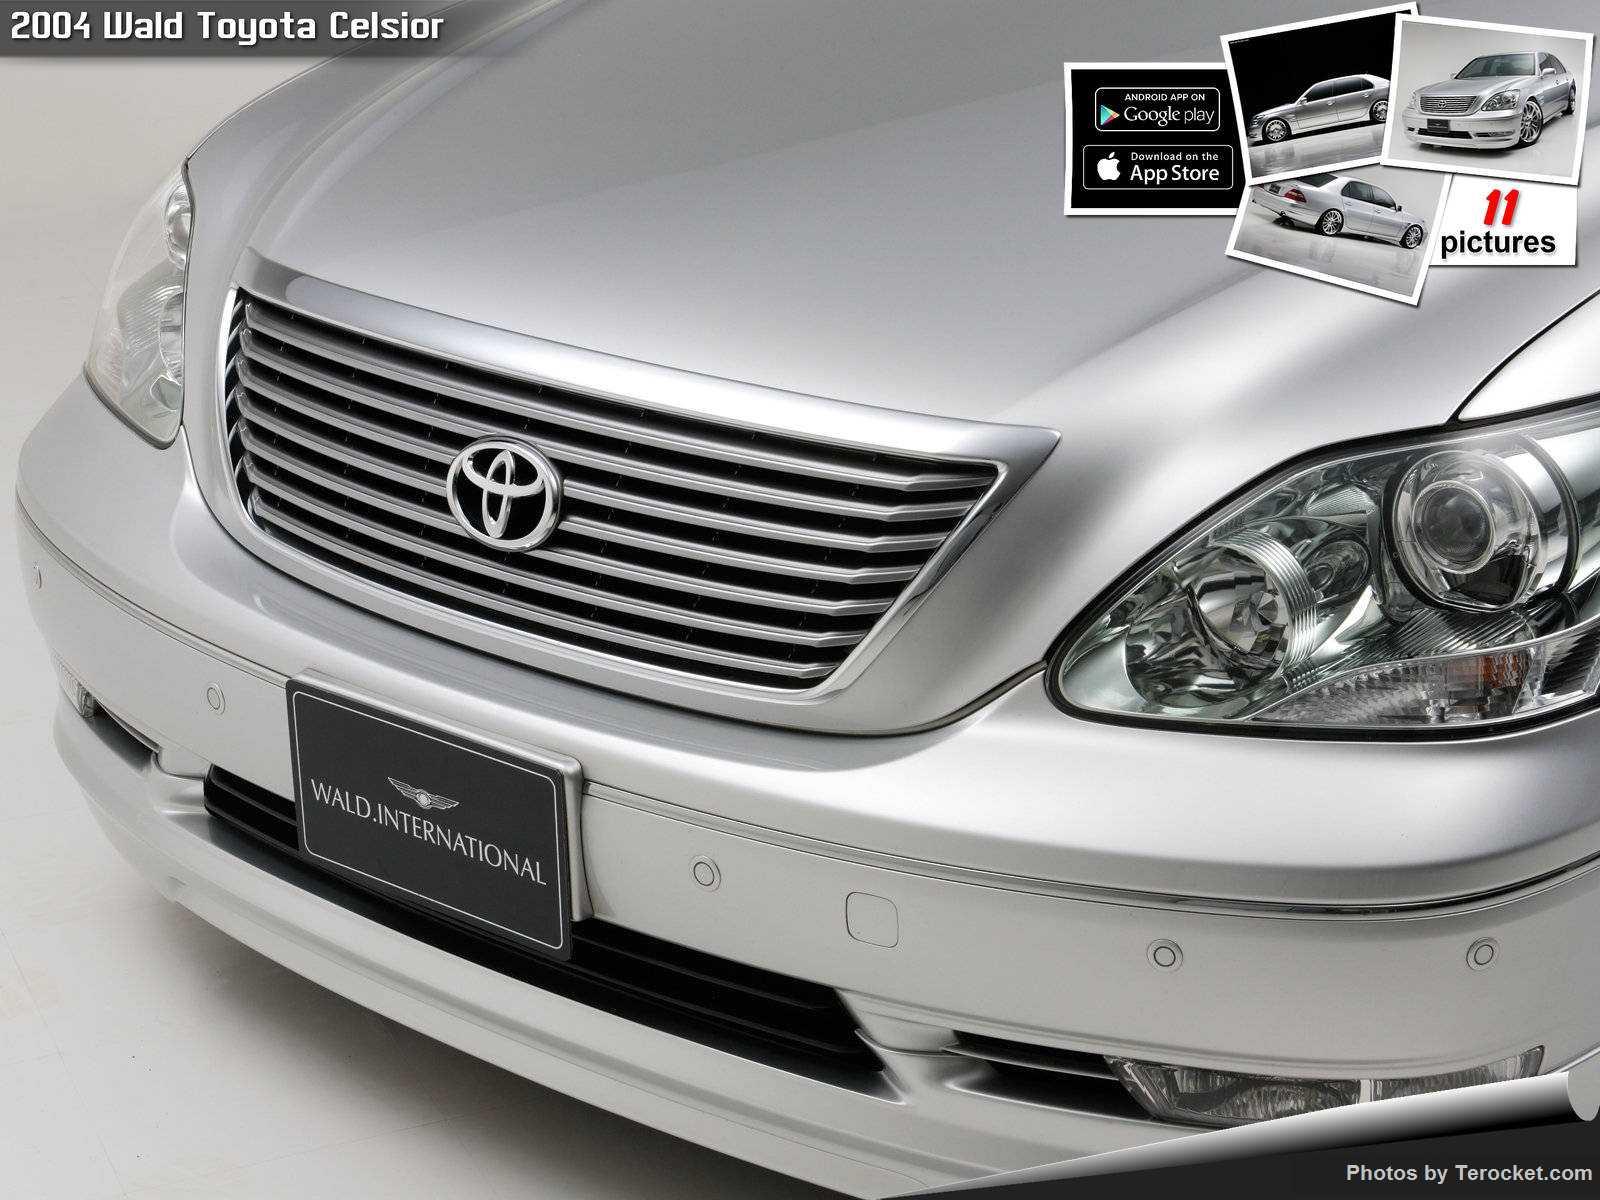 Hình ảnh xe độ Wald Toyota Celsior 2004 & nội ngoại thất